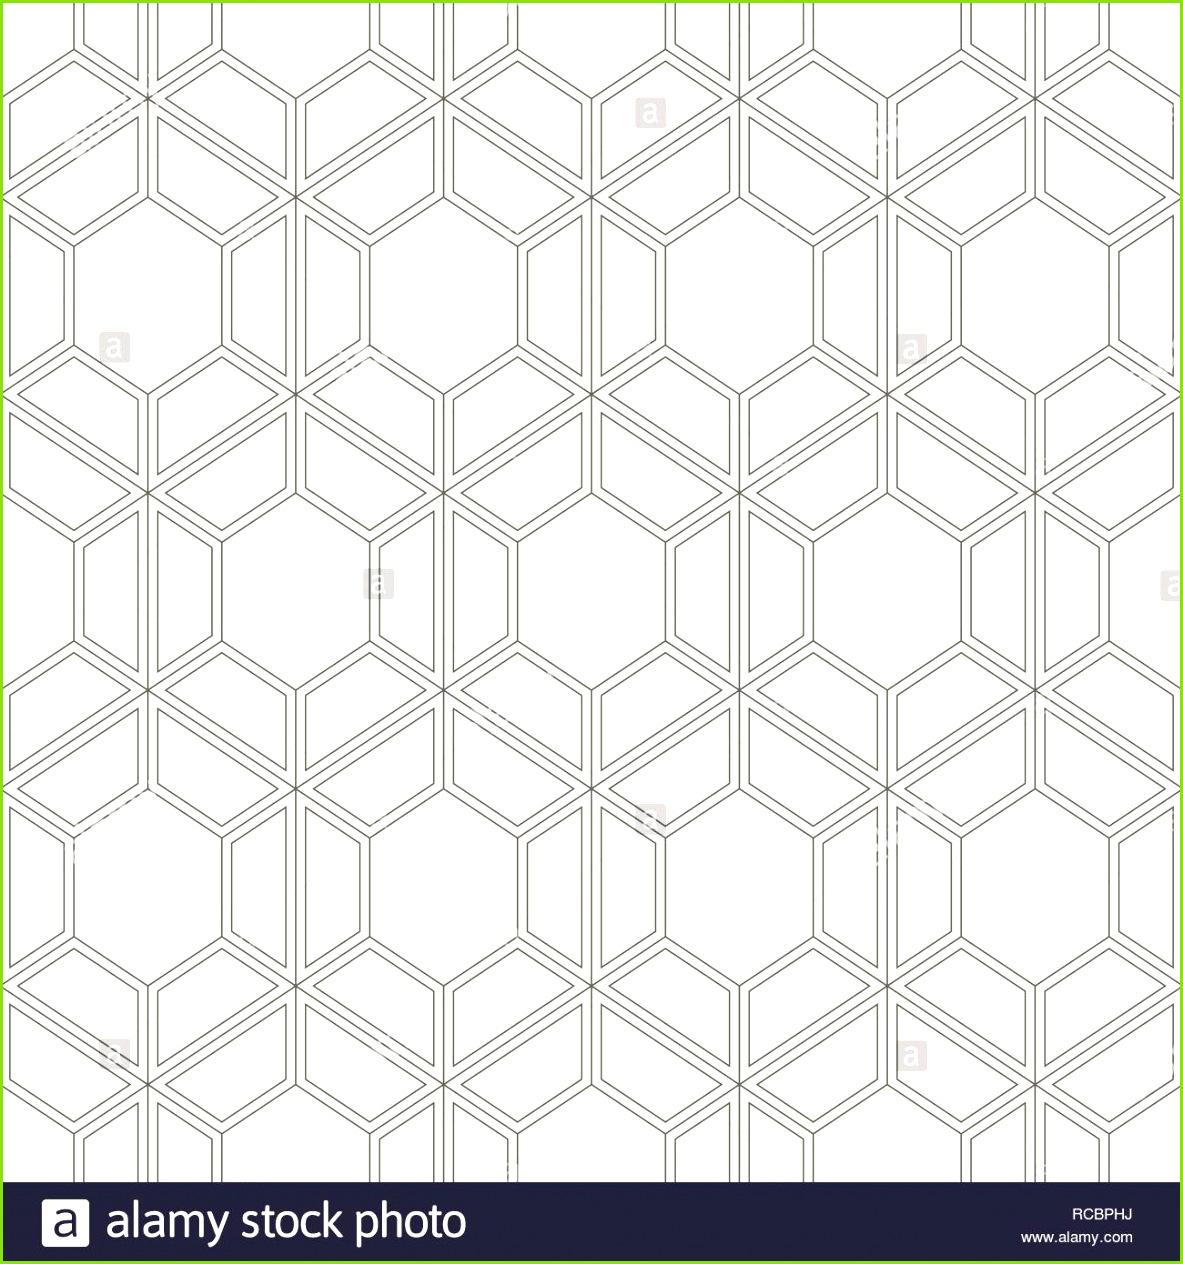 Nahtlose geometrische abstrakte Muster Moderne elegante Textur Wiederholung der geometrischen Hintergrund mit Sechsecken